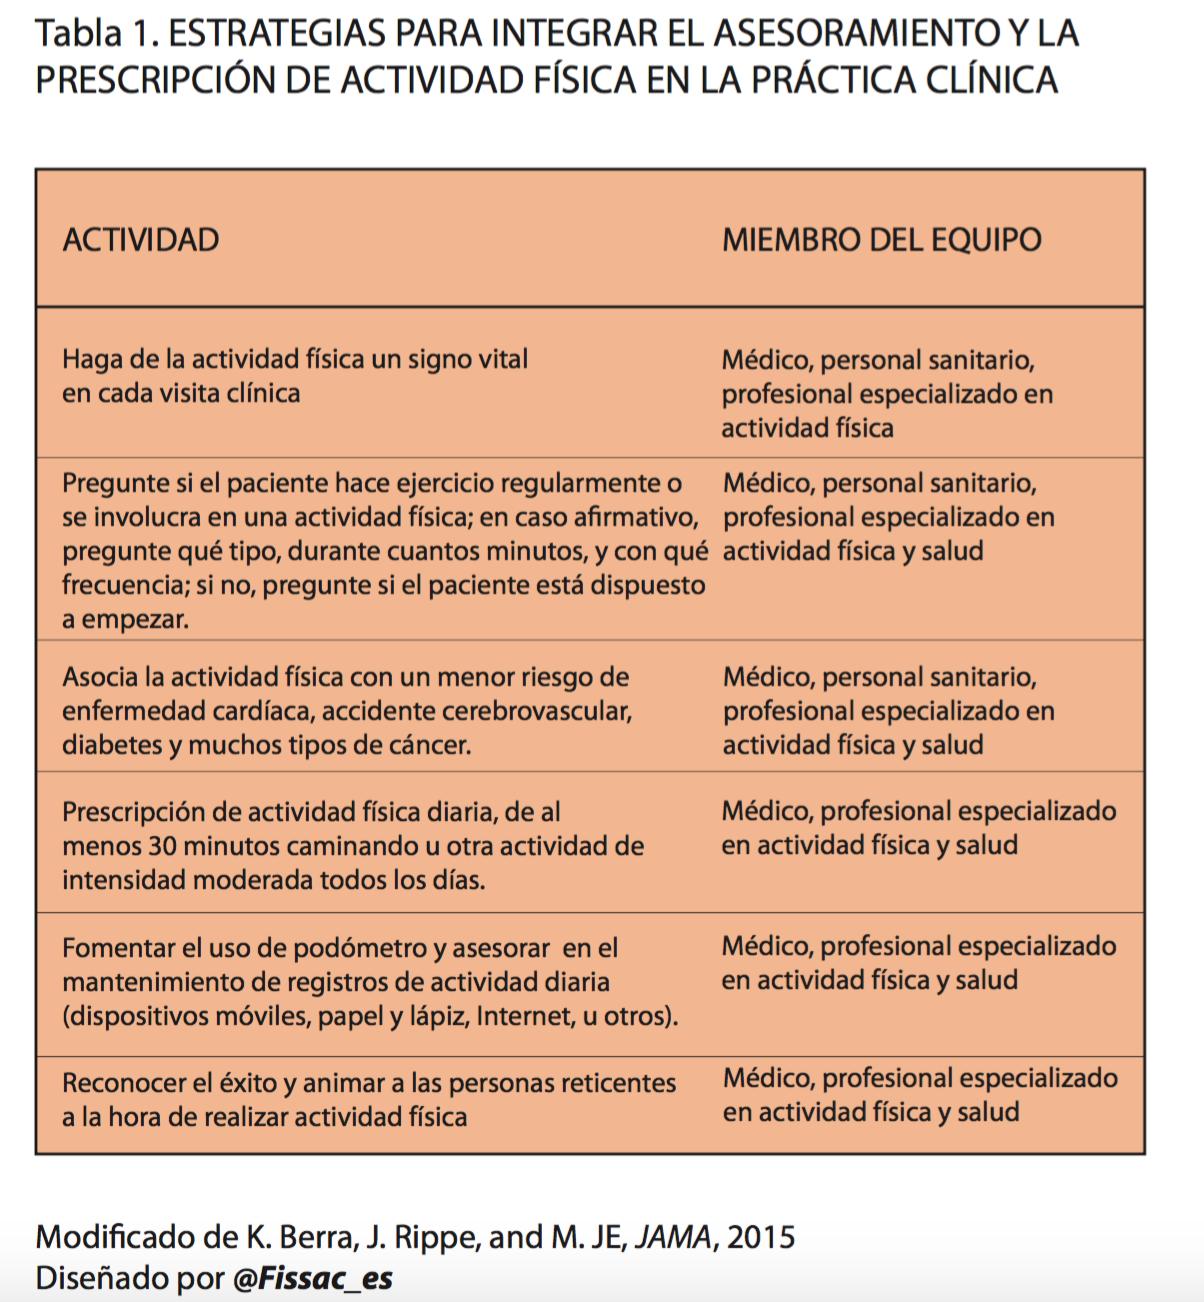 fissac _ prescripción de actividad física en la práctica clínica